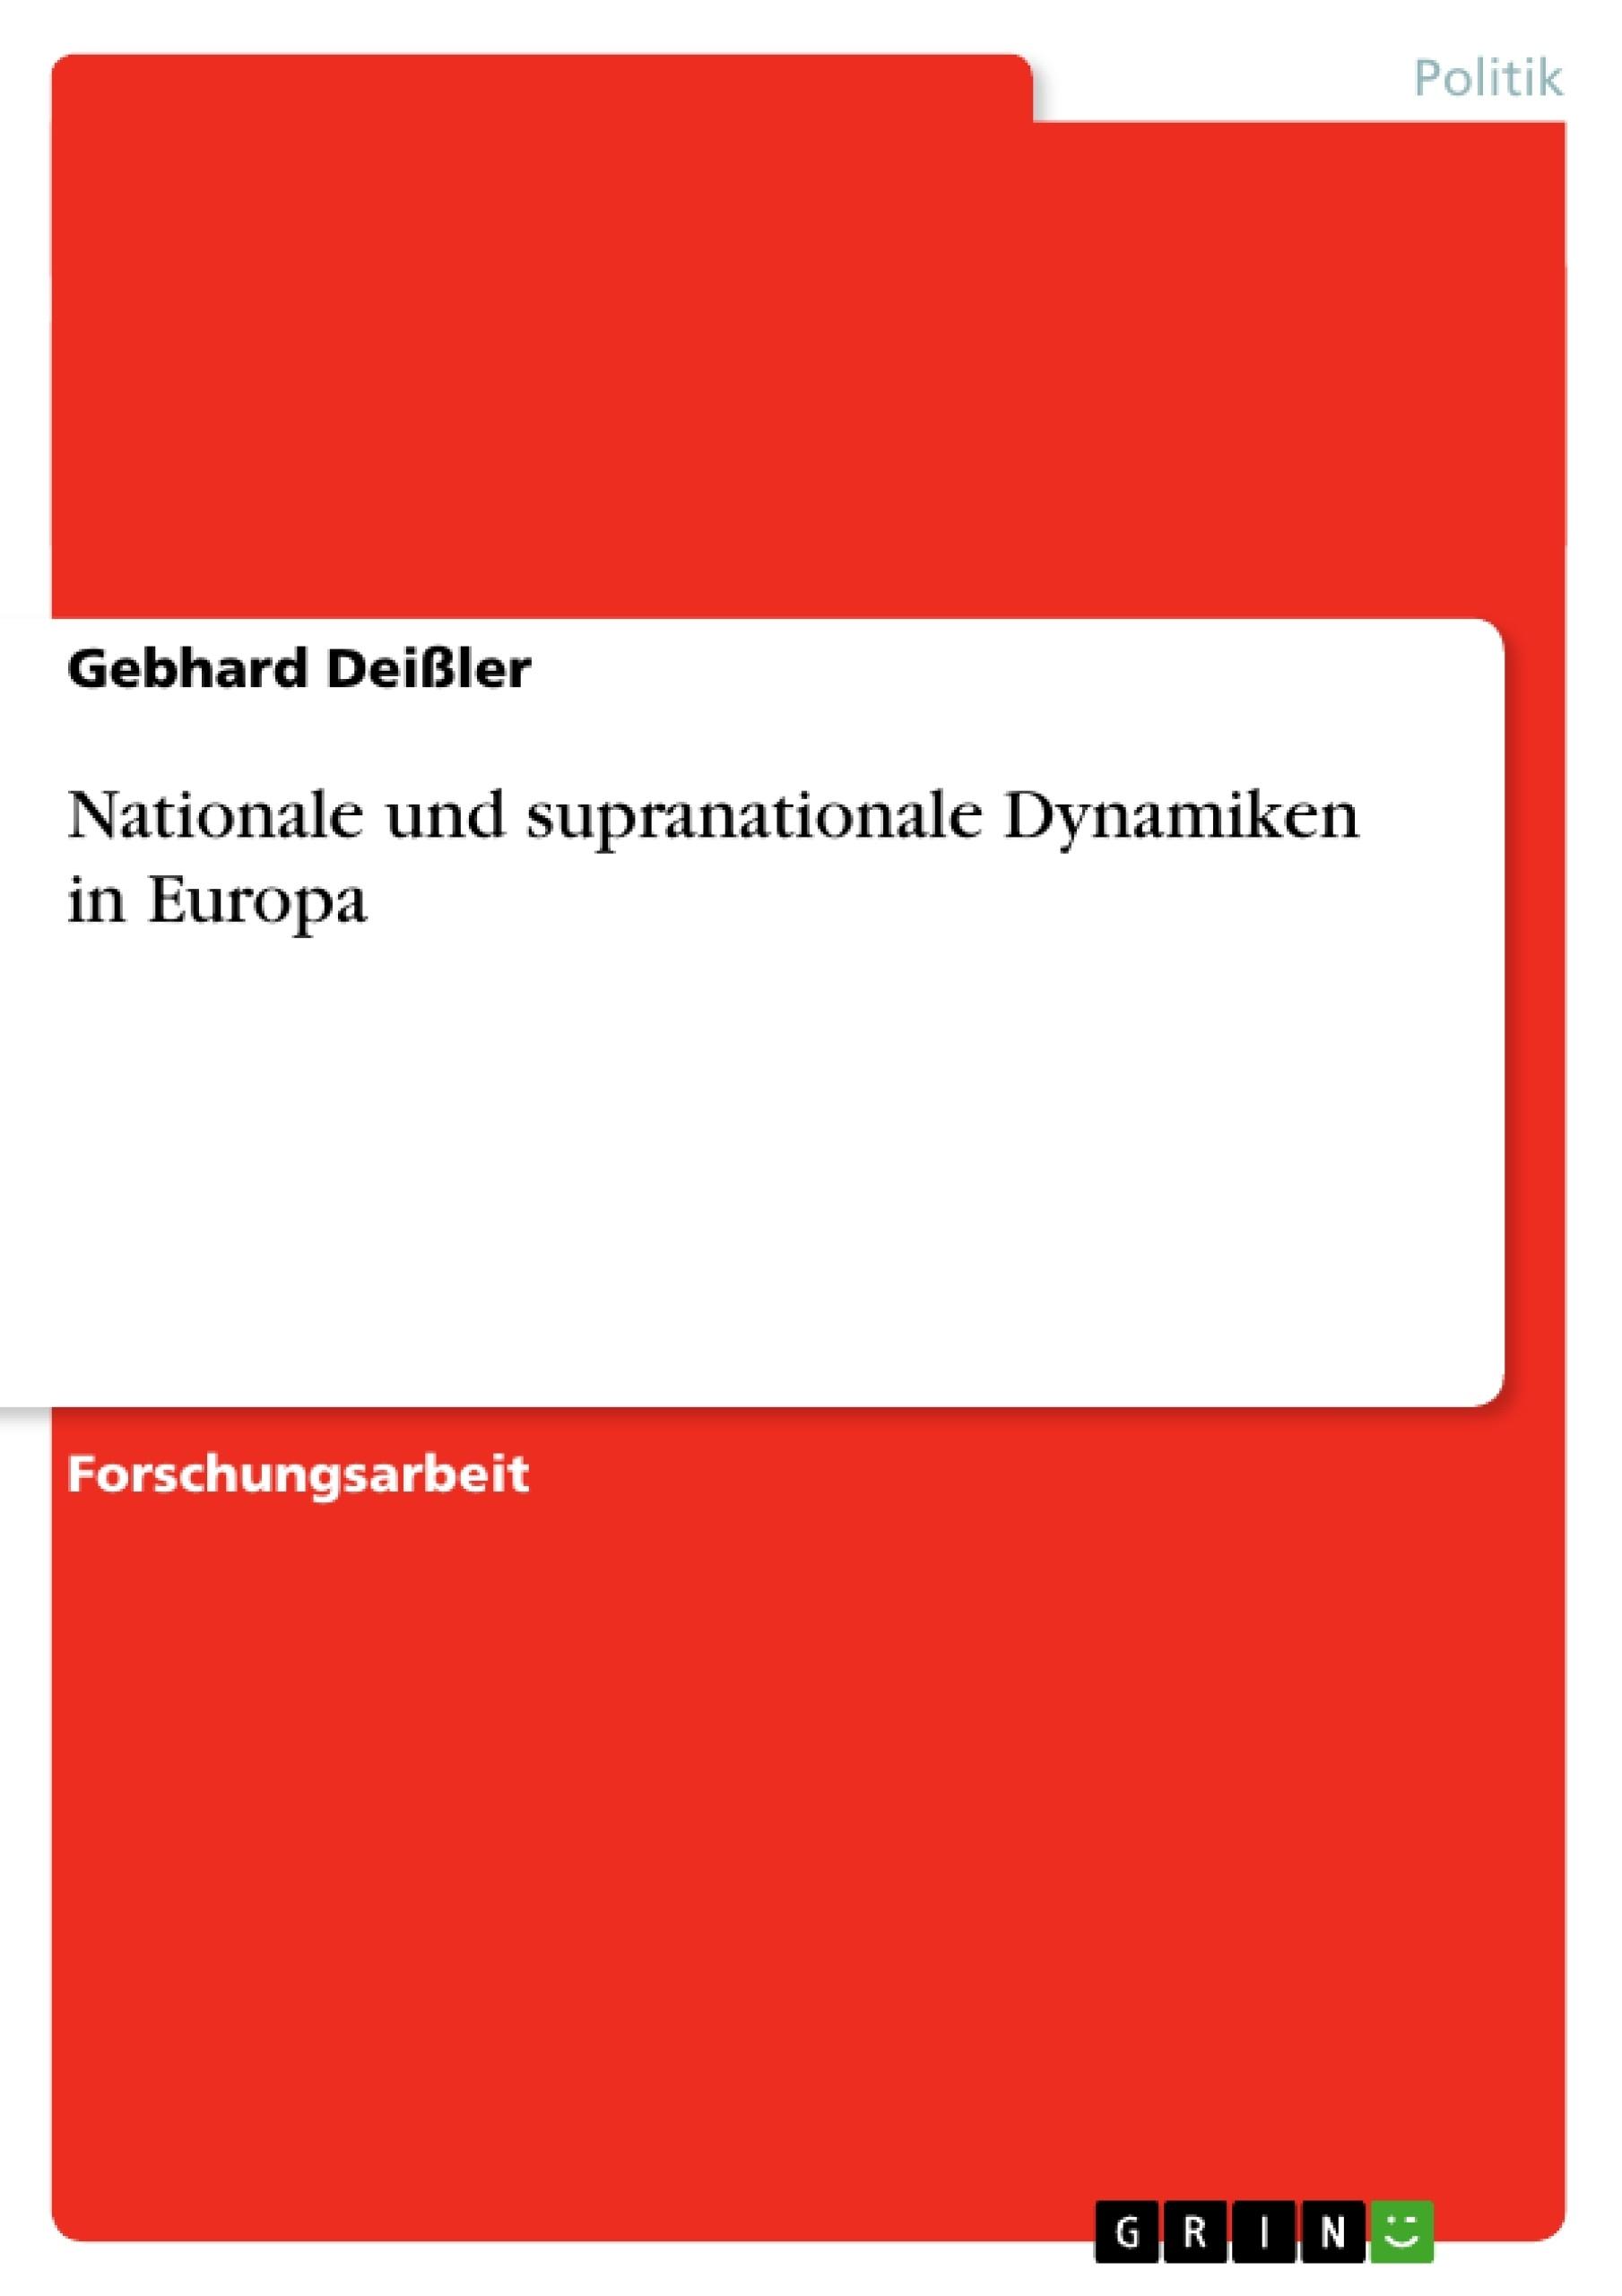 Titel: Nationale und supranationale Dynamiken in Europa